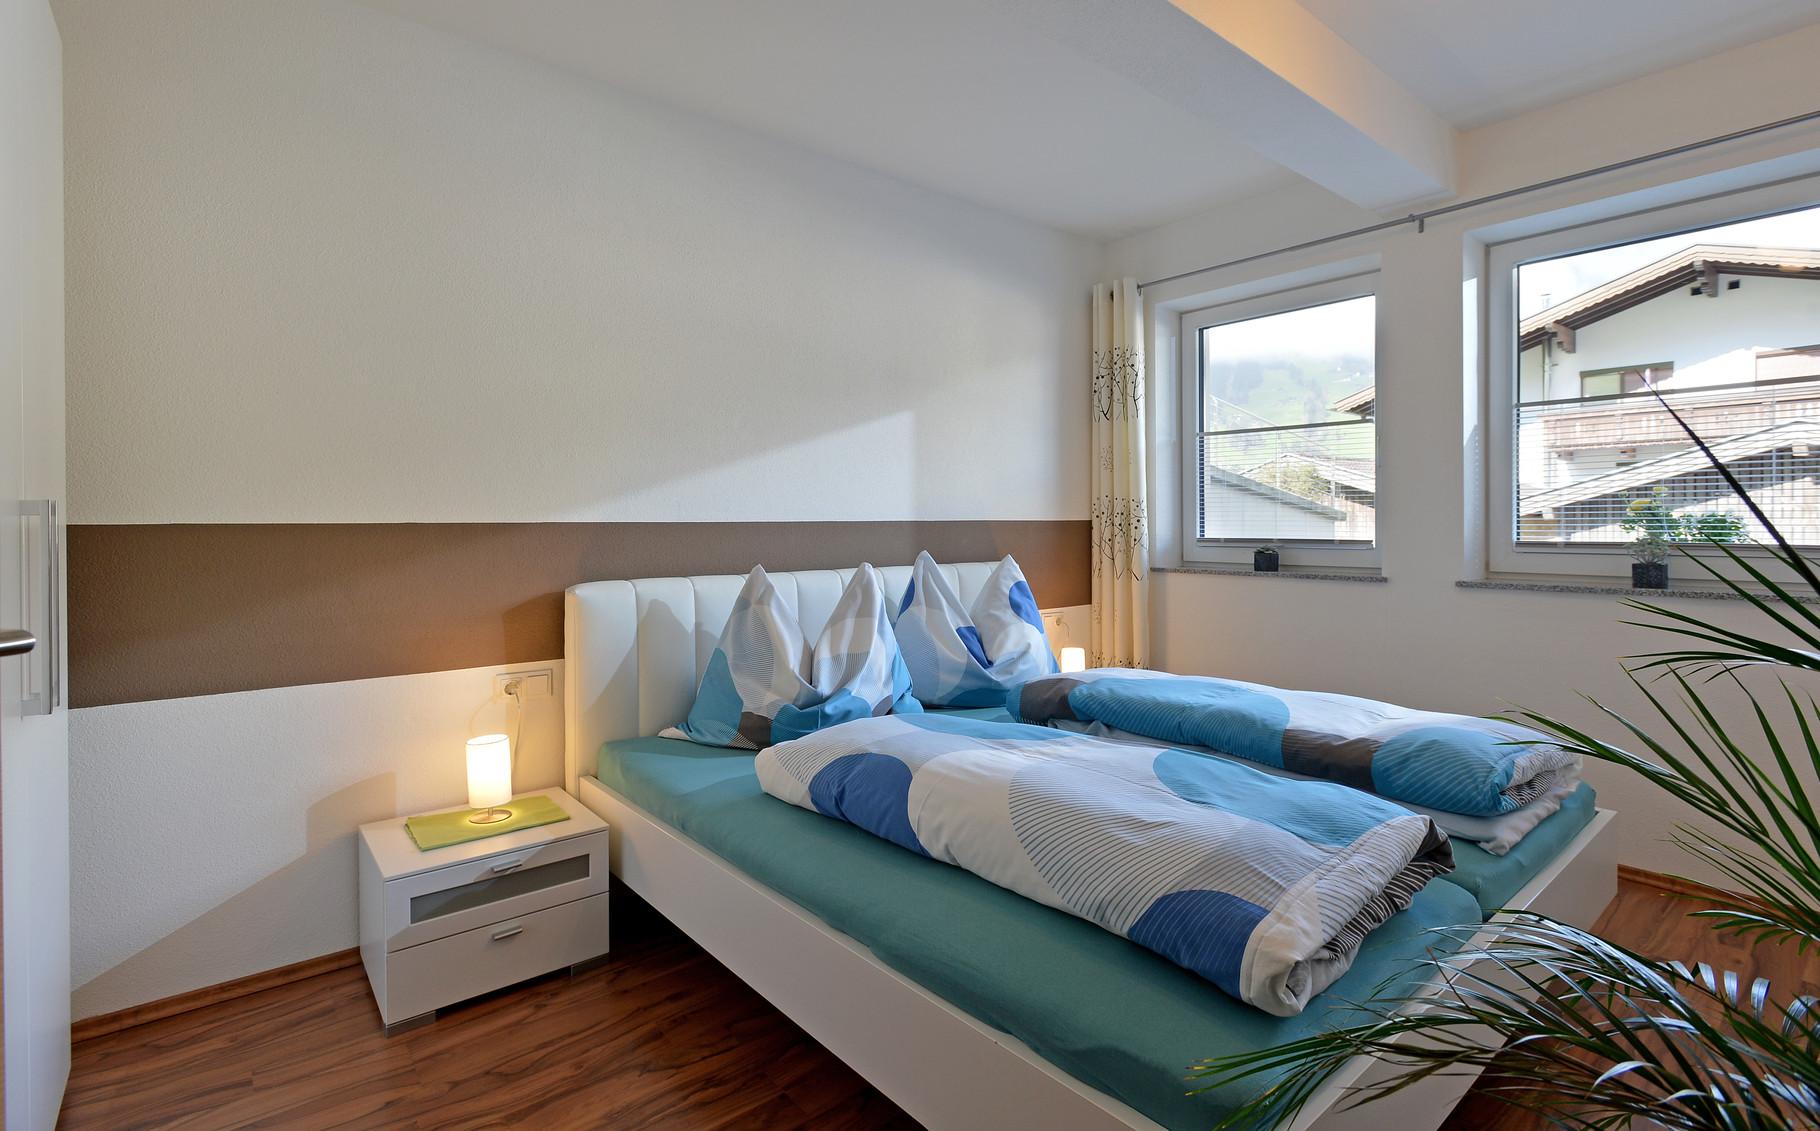 Doppelzimmer in unserer Ferienwohnung Horberg - Apart Rauch Ramsau im Zillertal